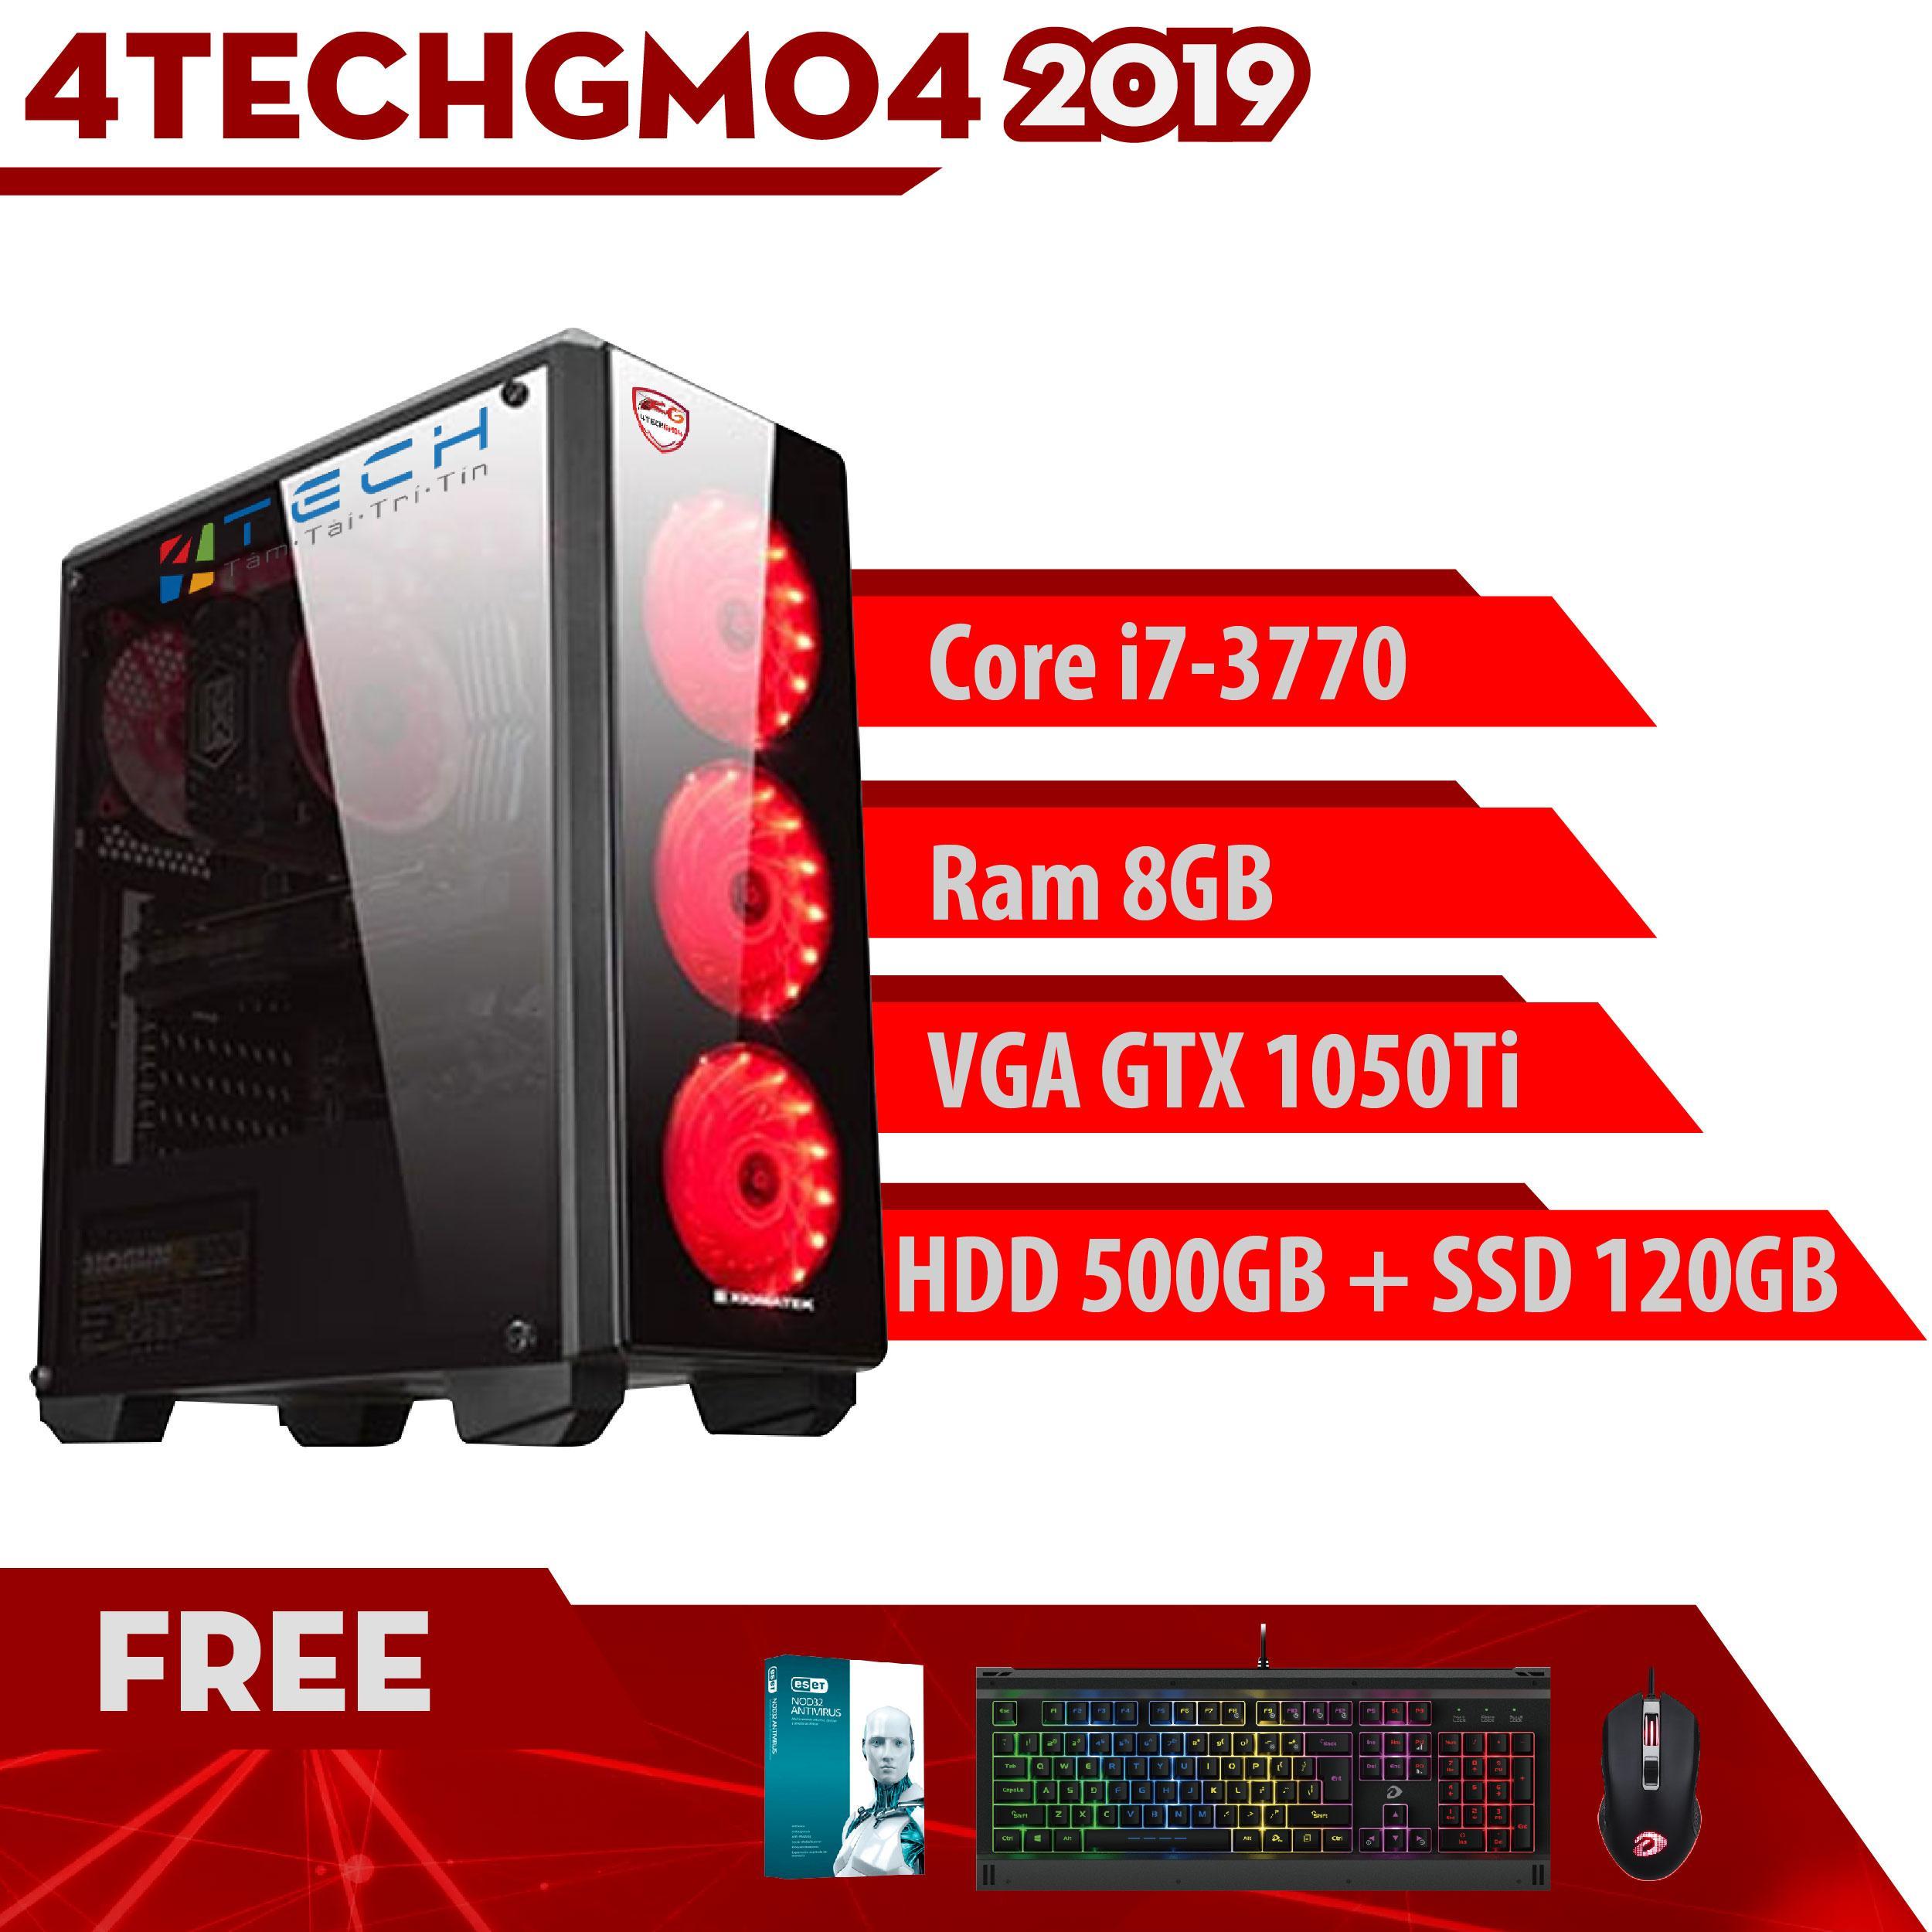 Máy Tính Chơi Game 4TechGM04 – 2019 Core i7-3770, Ram 8GB, HDD 500GB + SSD  120GB, VGA GTX 1050Ti – Tặng Bộ Phím Chuột Gaming DareU